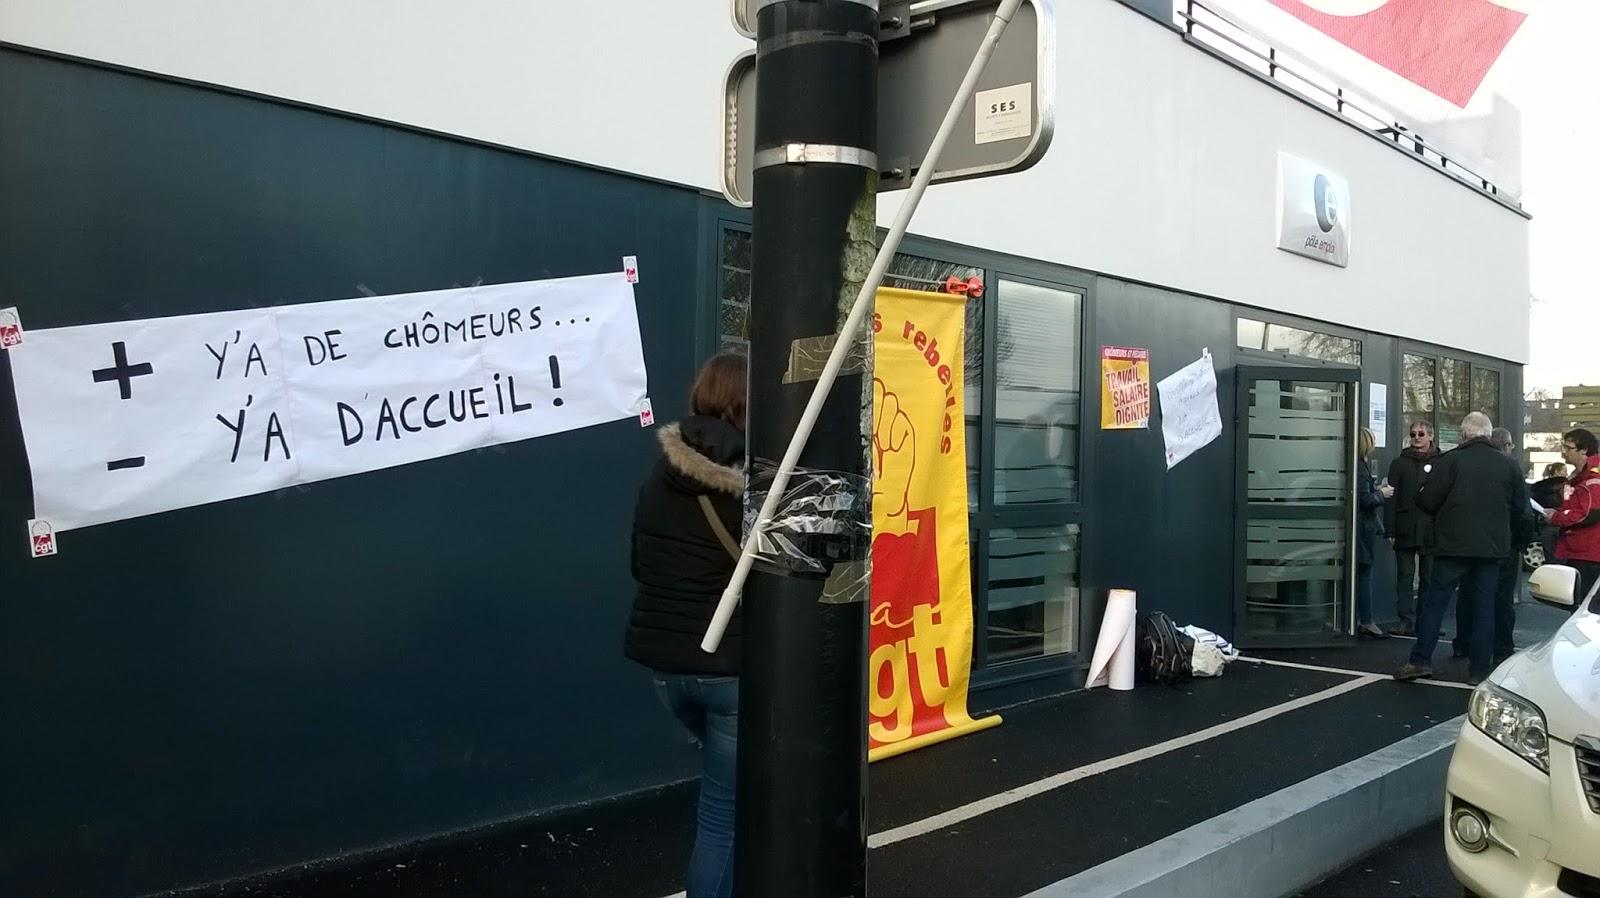 fe525d50378 Nous nous sommes mobilisés ce jour pour dénoncer la fermeture des agences  Pôle emploi l après-midi